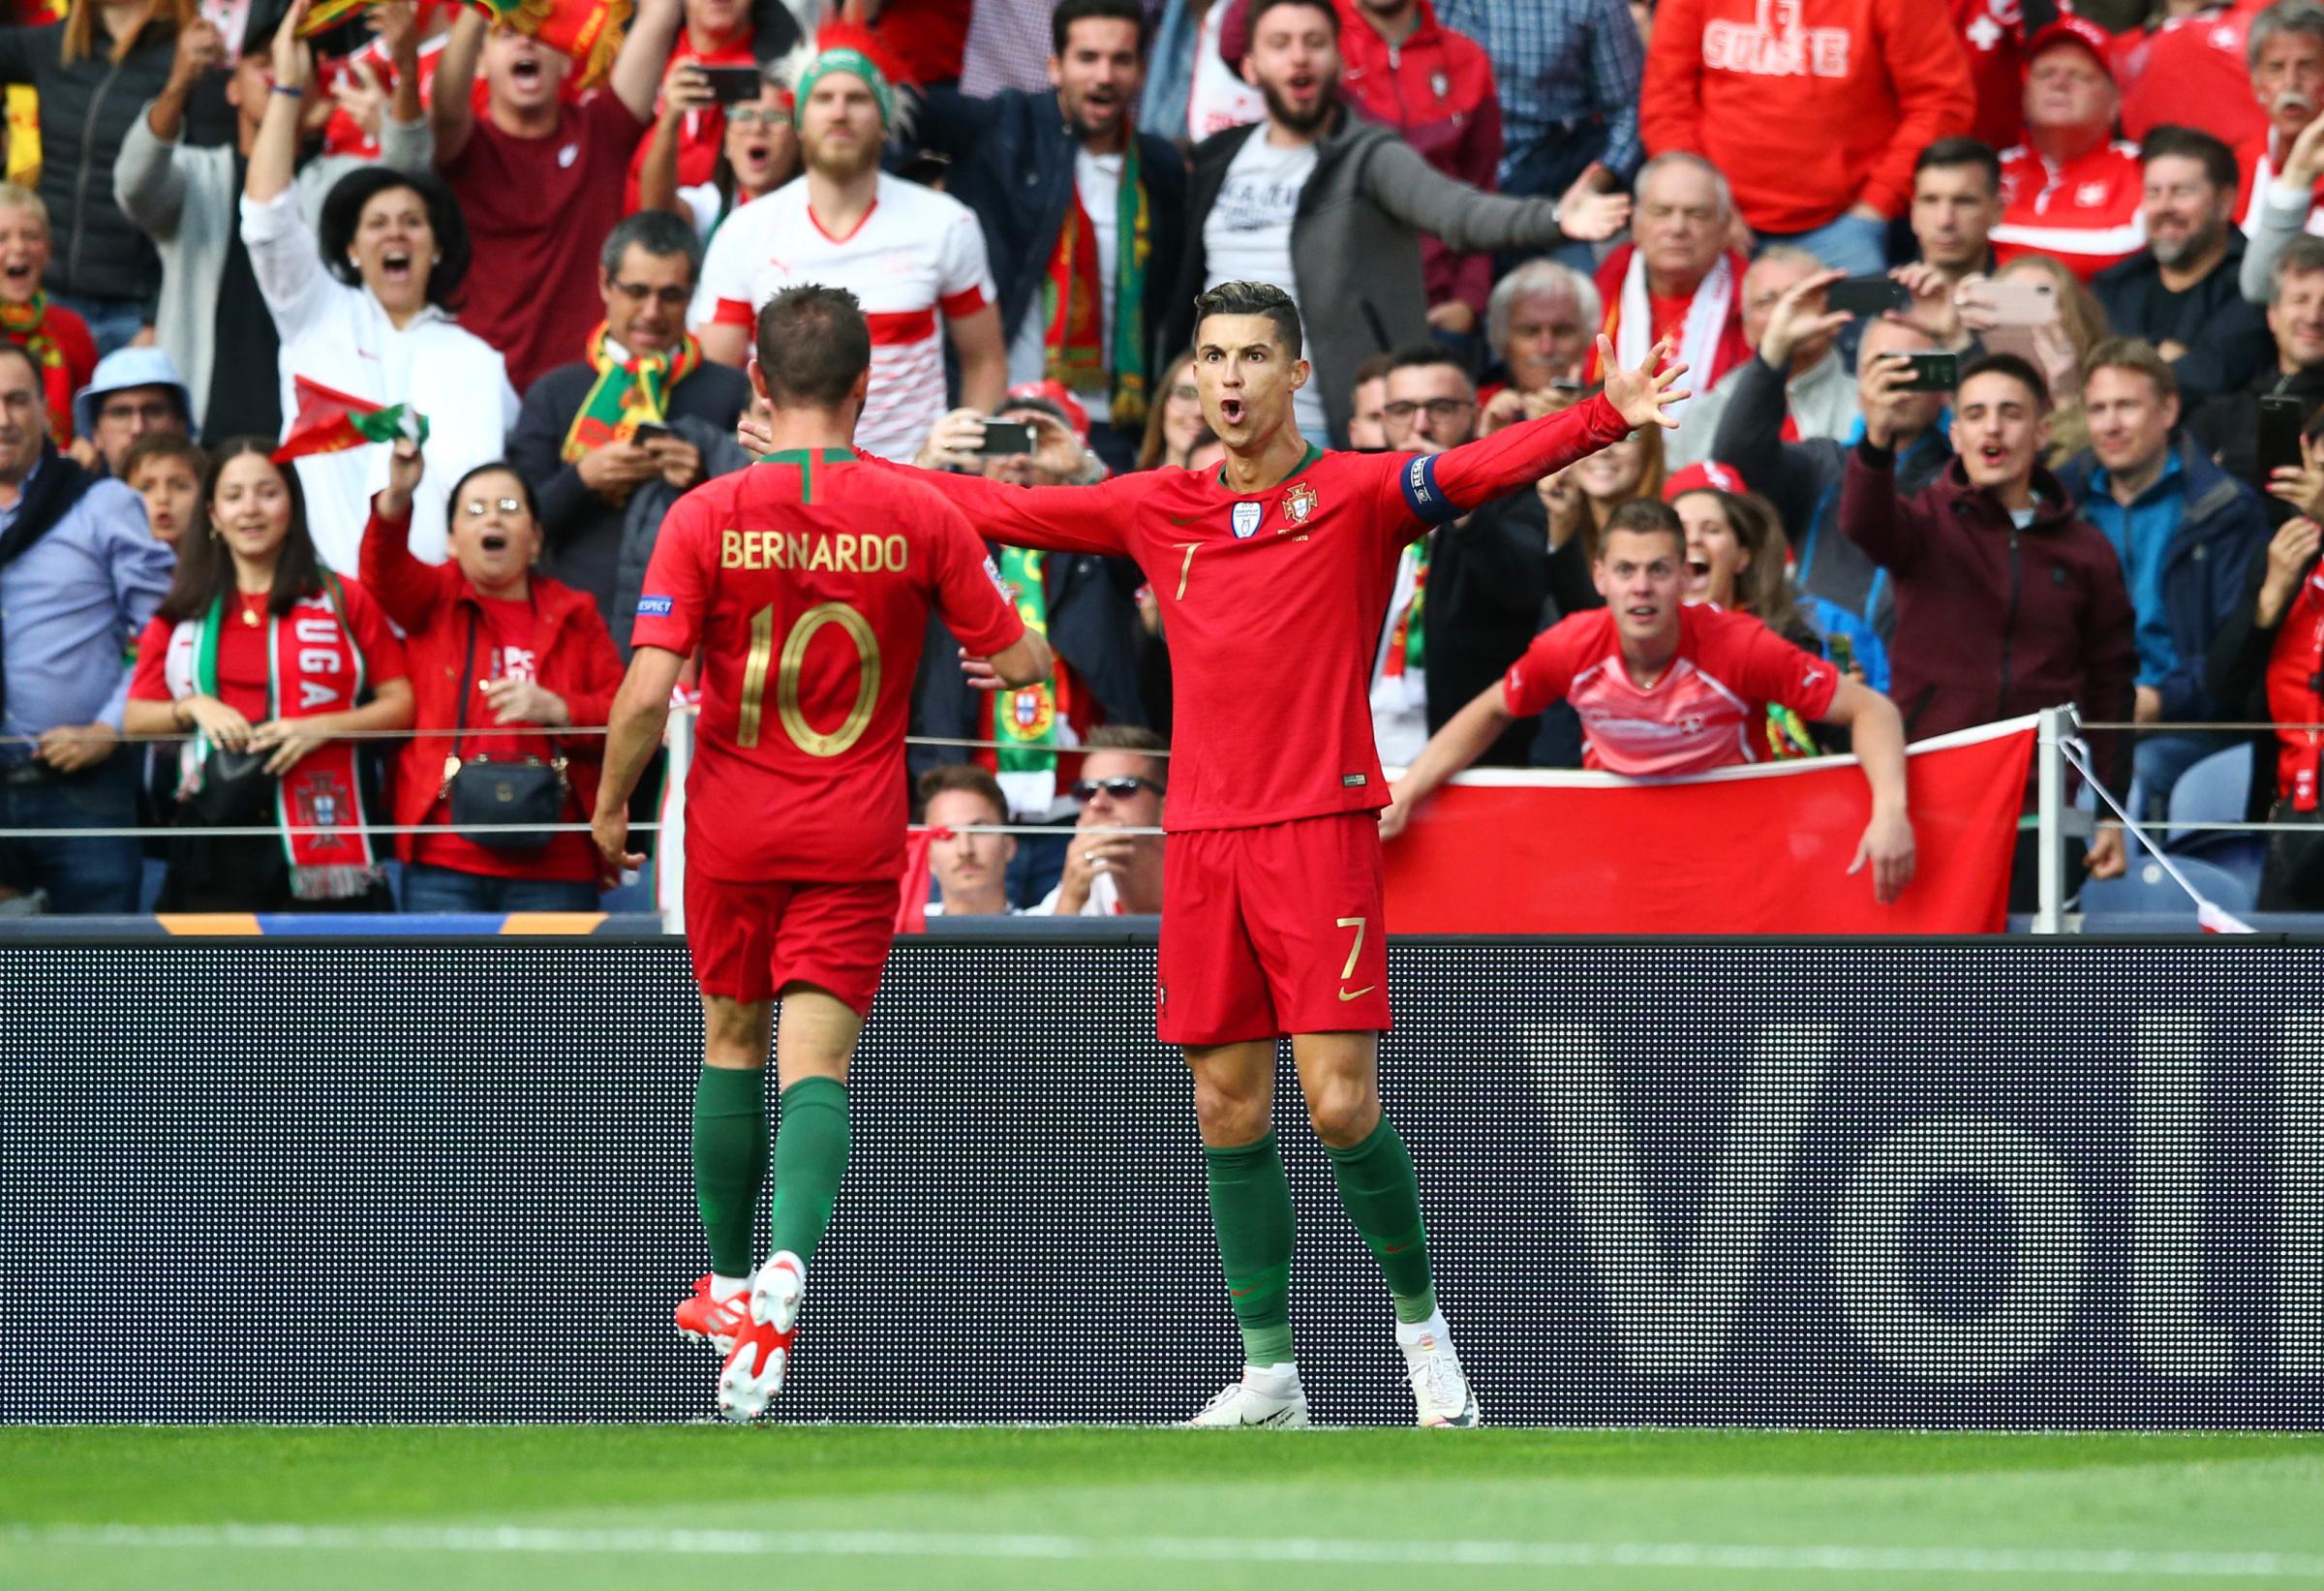 015253850 Portugalia - Szwajcaria: Cristiano Ronaldo wprowadził zespół do finału Ligi  Narodów UEFA 2019 | Eurosport w TVN24 - Piłka nożna - TVN24